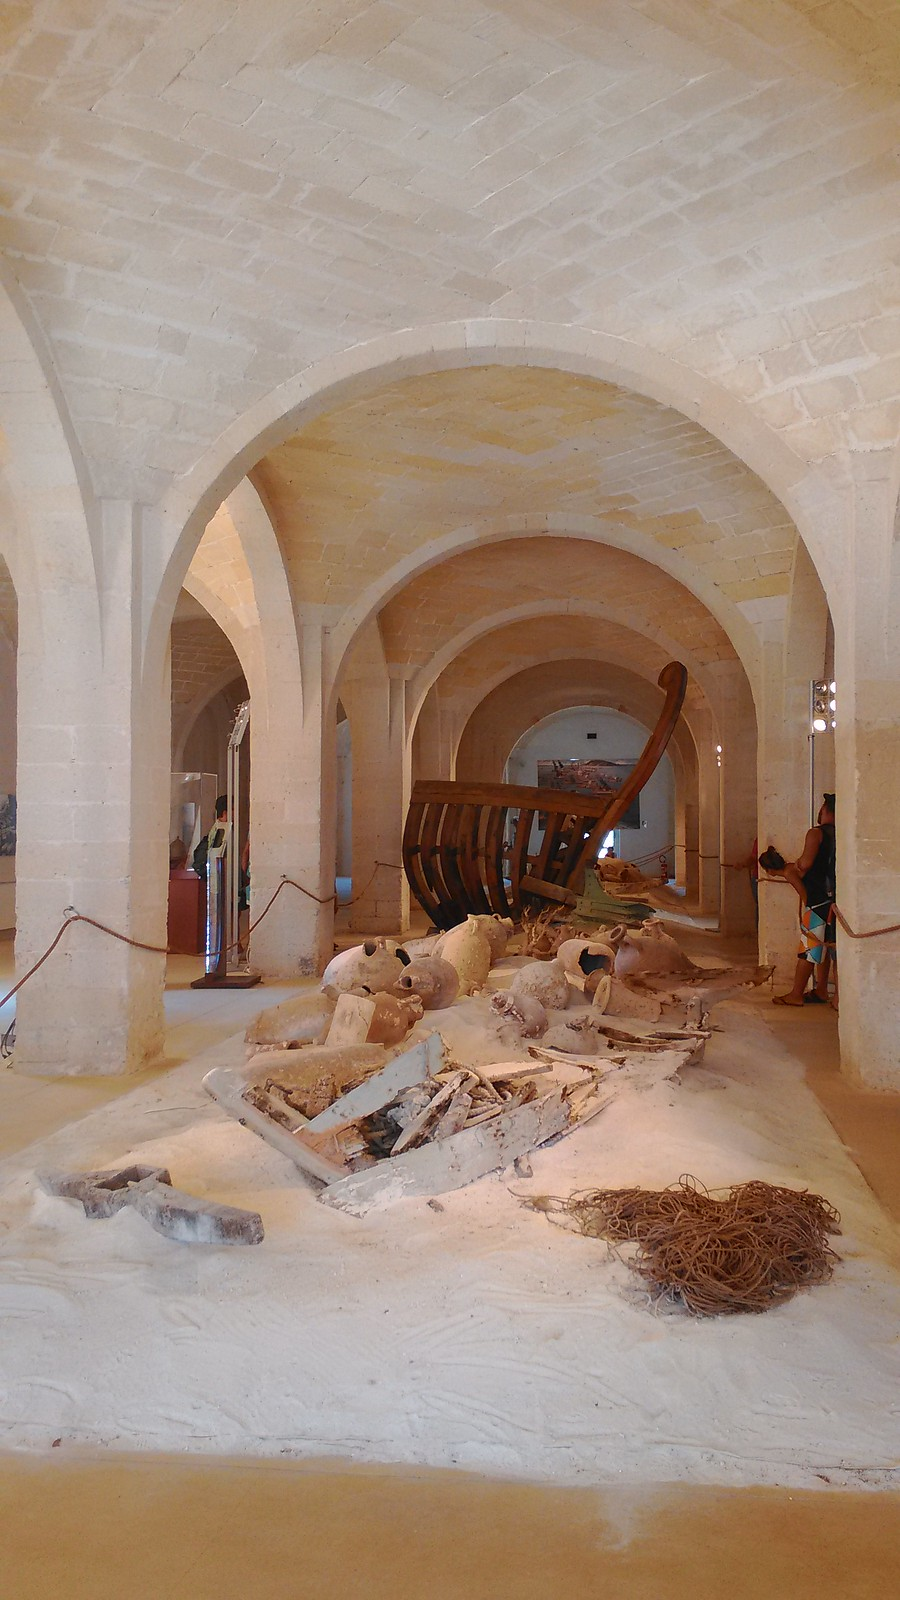 Museo Tonnara Favignana - Clicca sulla Foto per vedere l'intera gallery